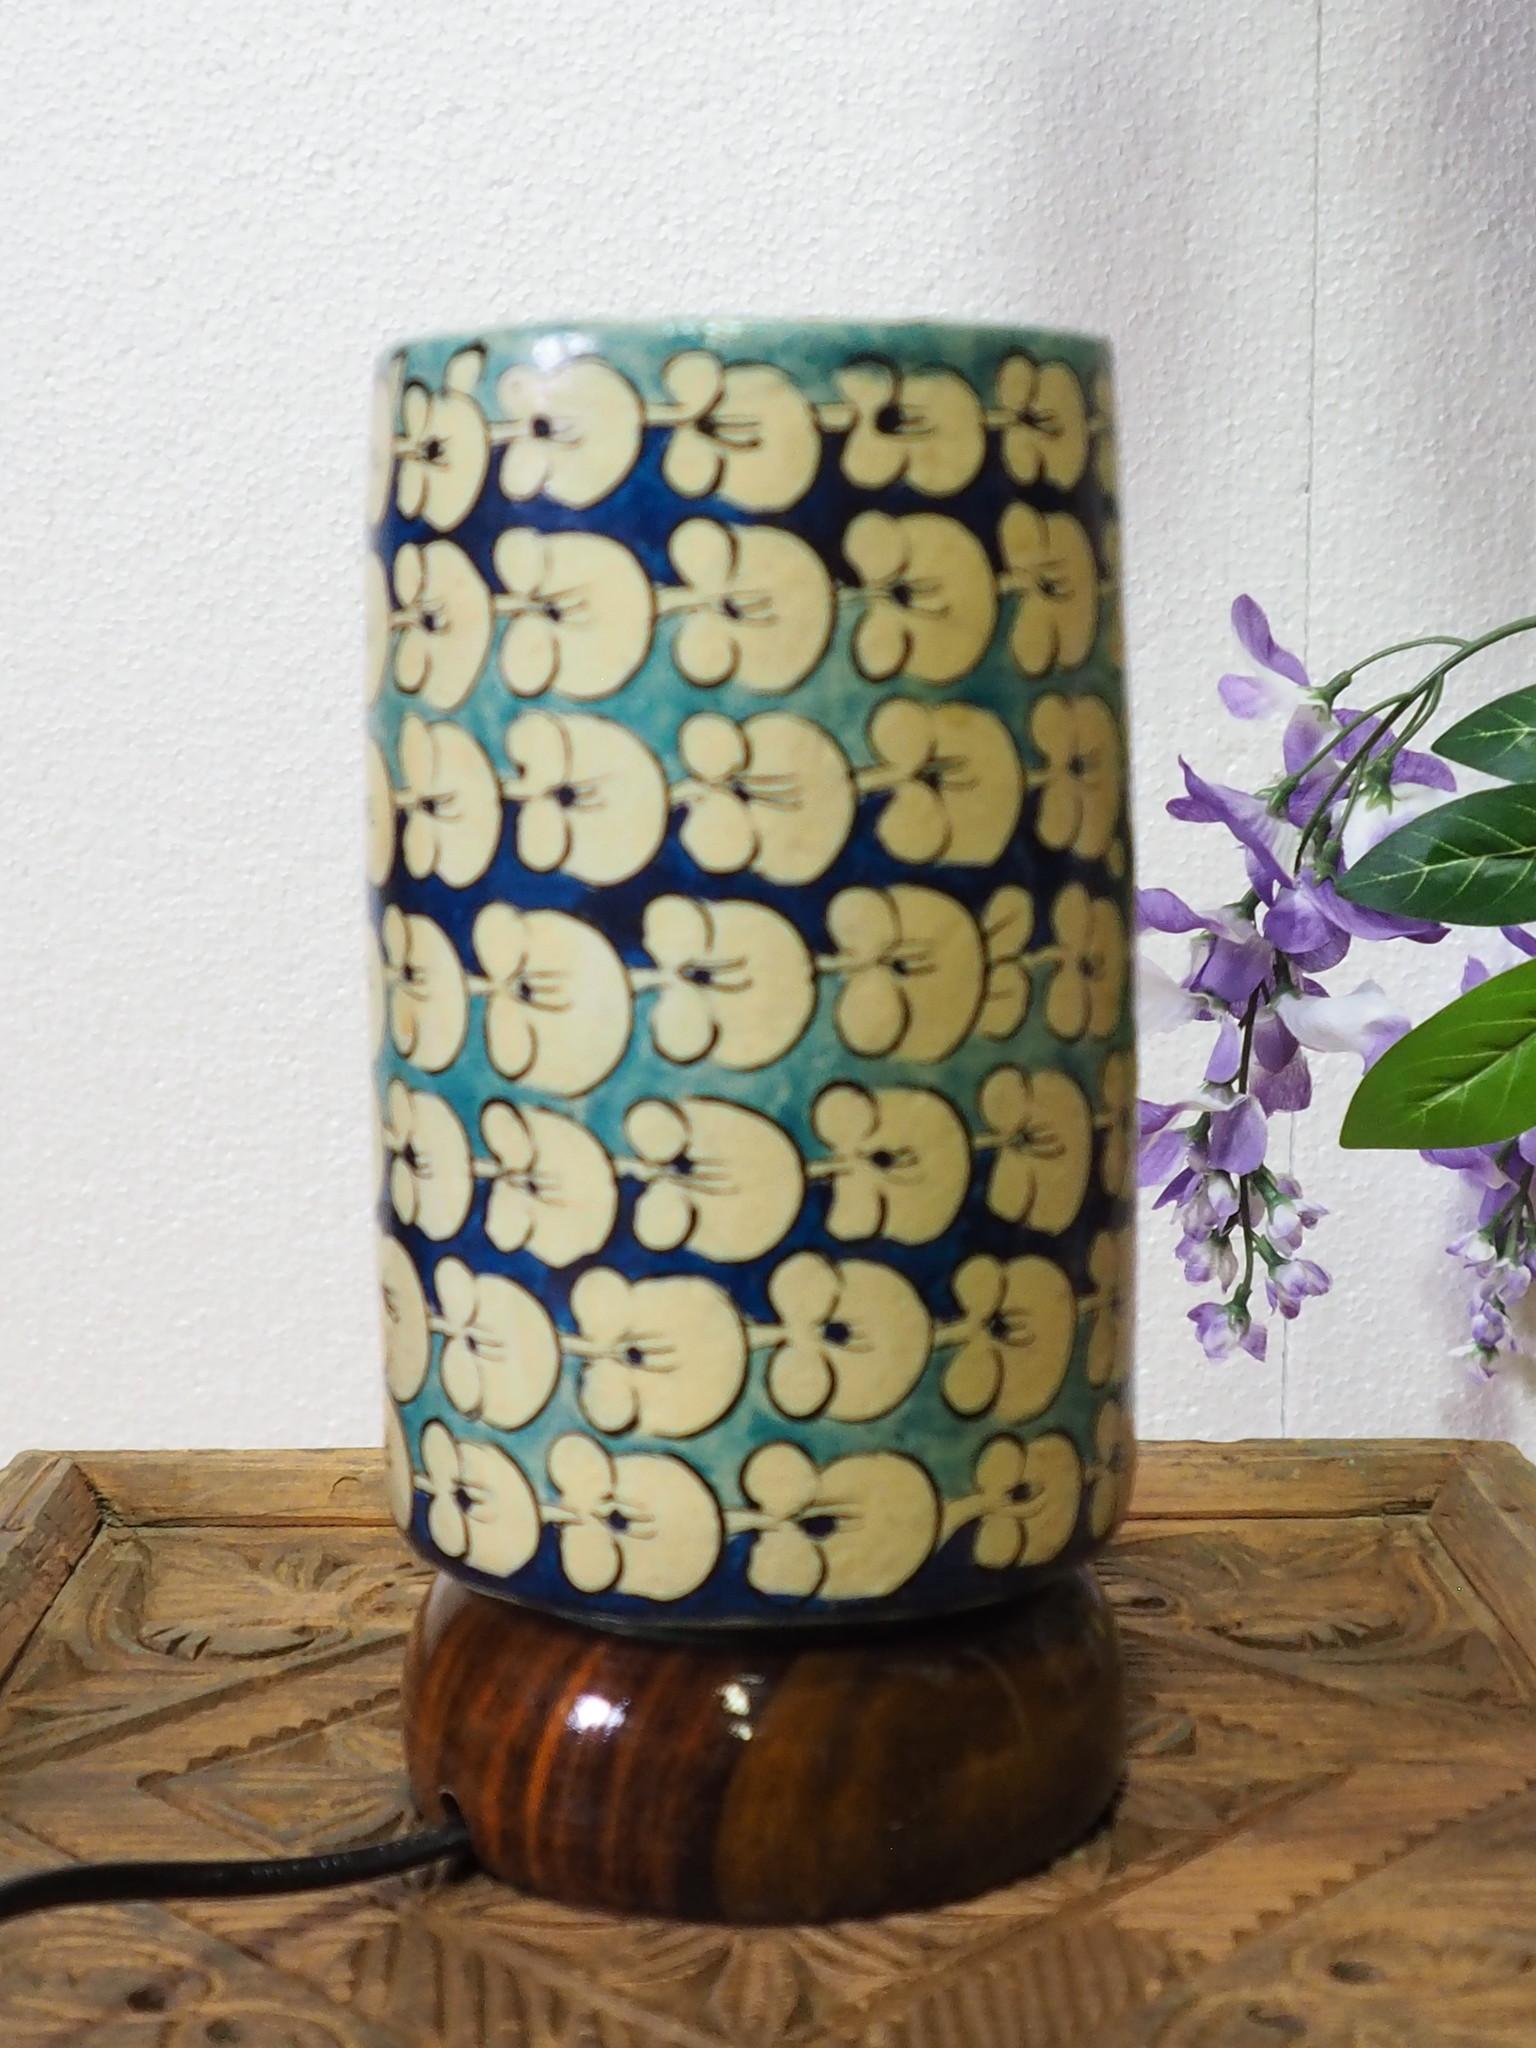 Orient Kamelleder Tischlampe IT/38